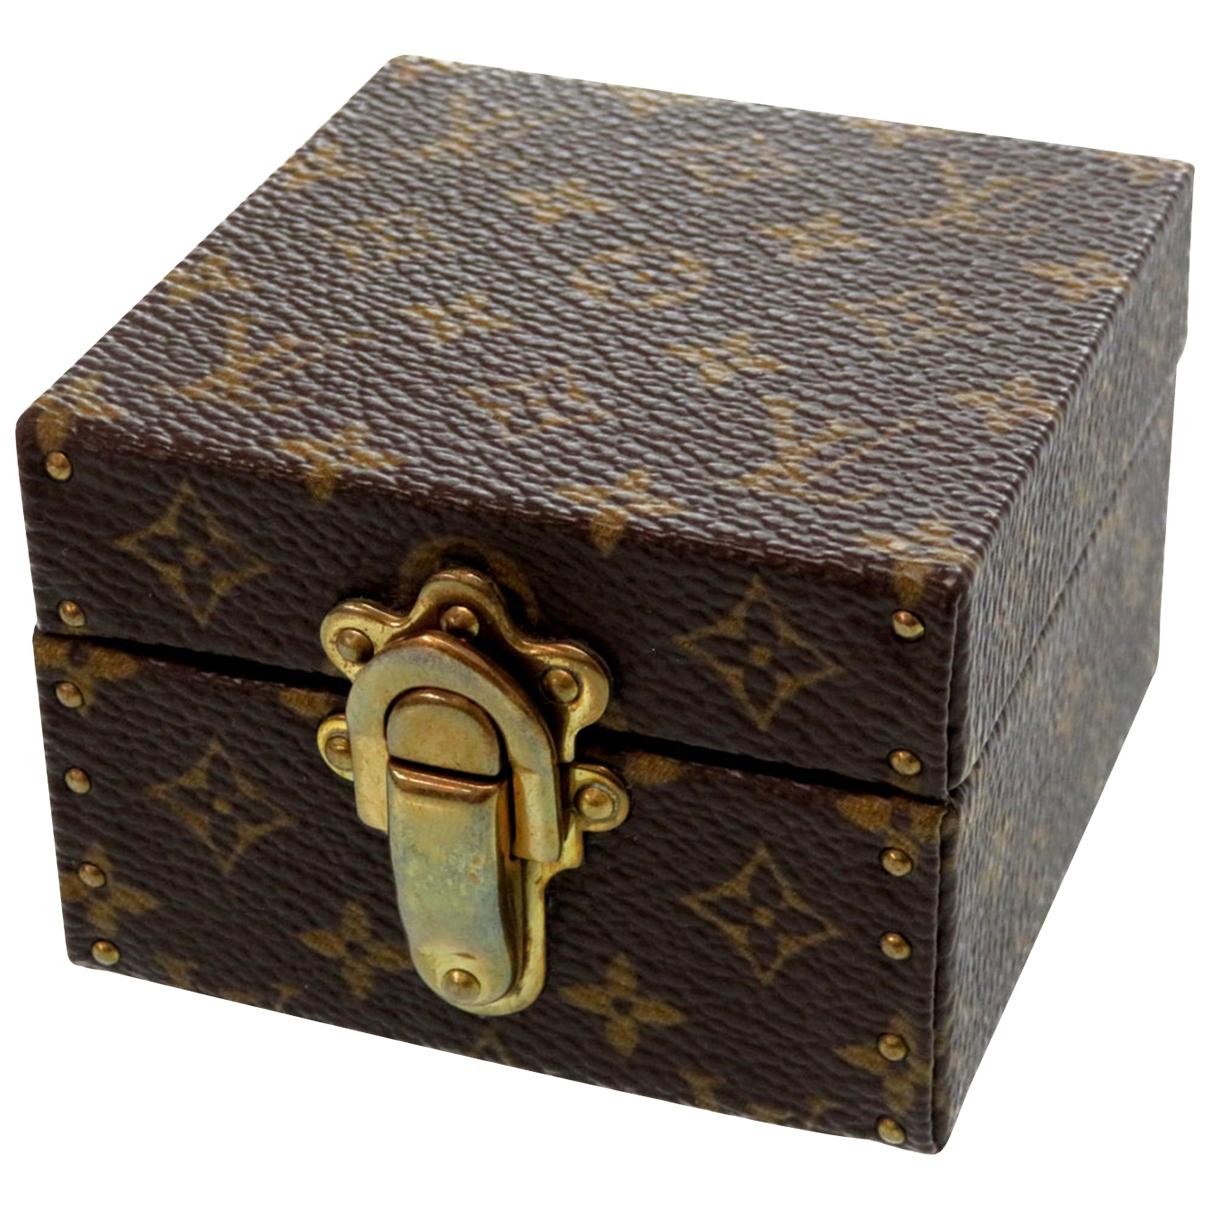 Objeto de decoracion Boite a bijoux de Lona Louis Vuitton